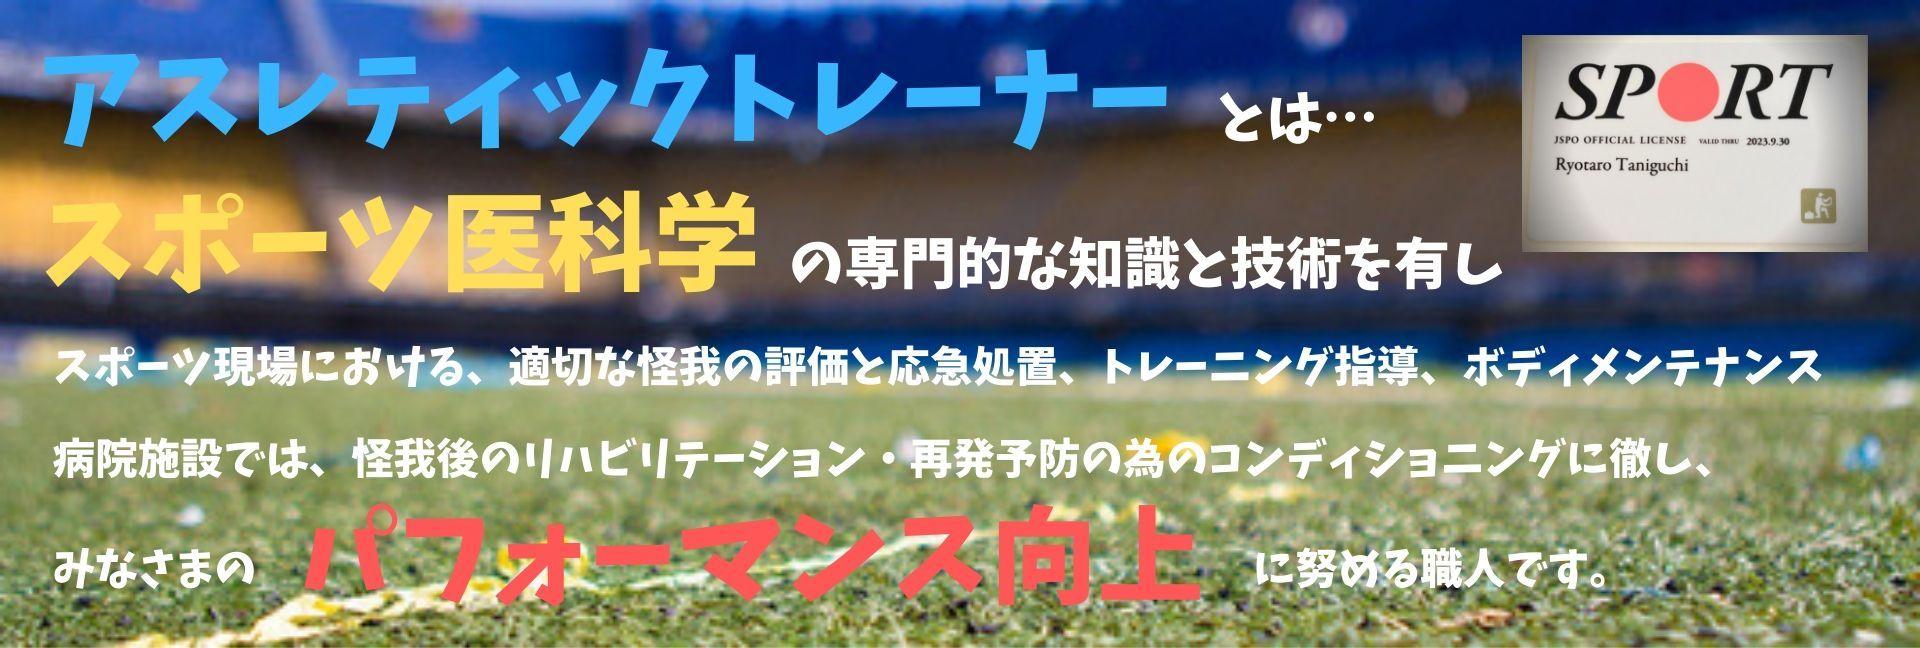 アスレティックトレーナー 谷口 遼太郎 公式サイト